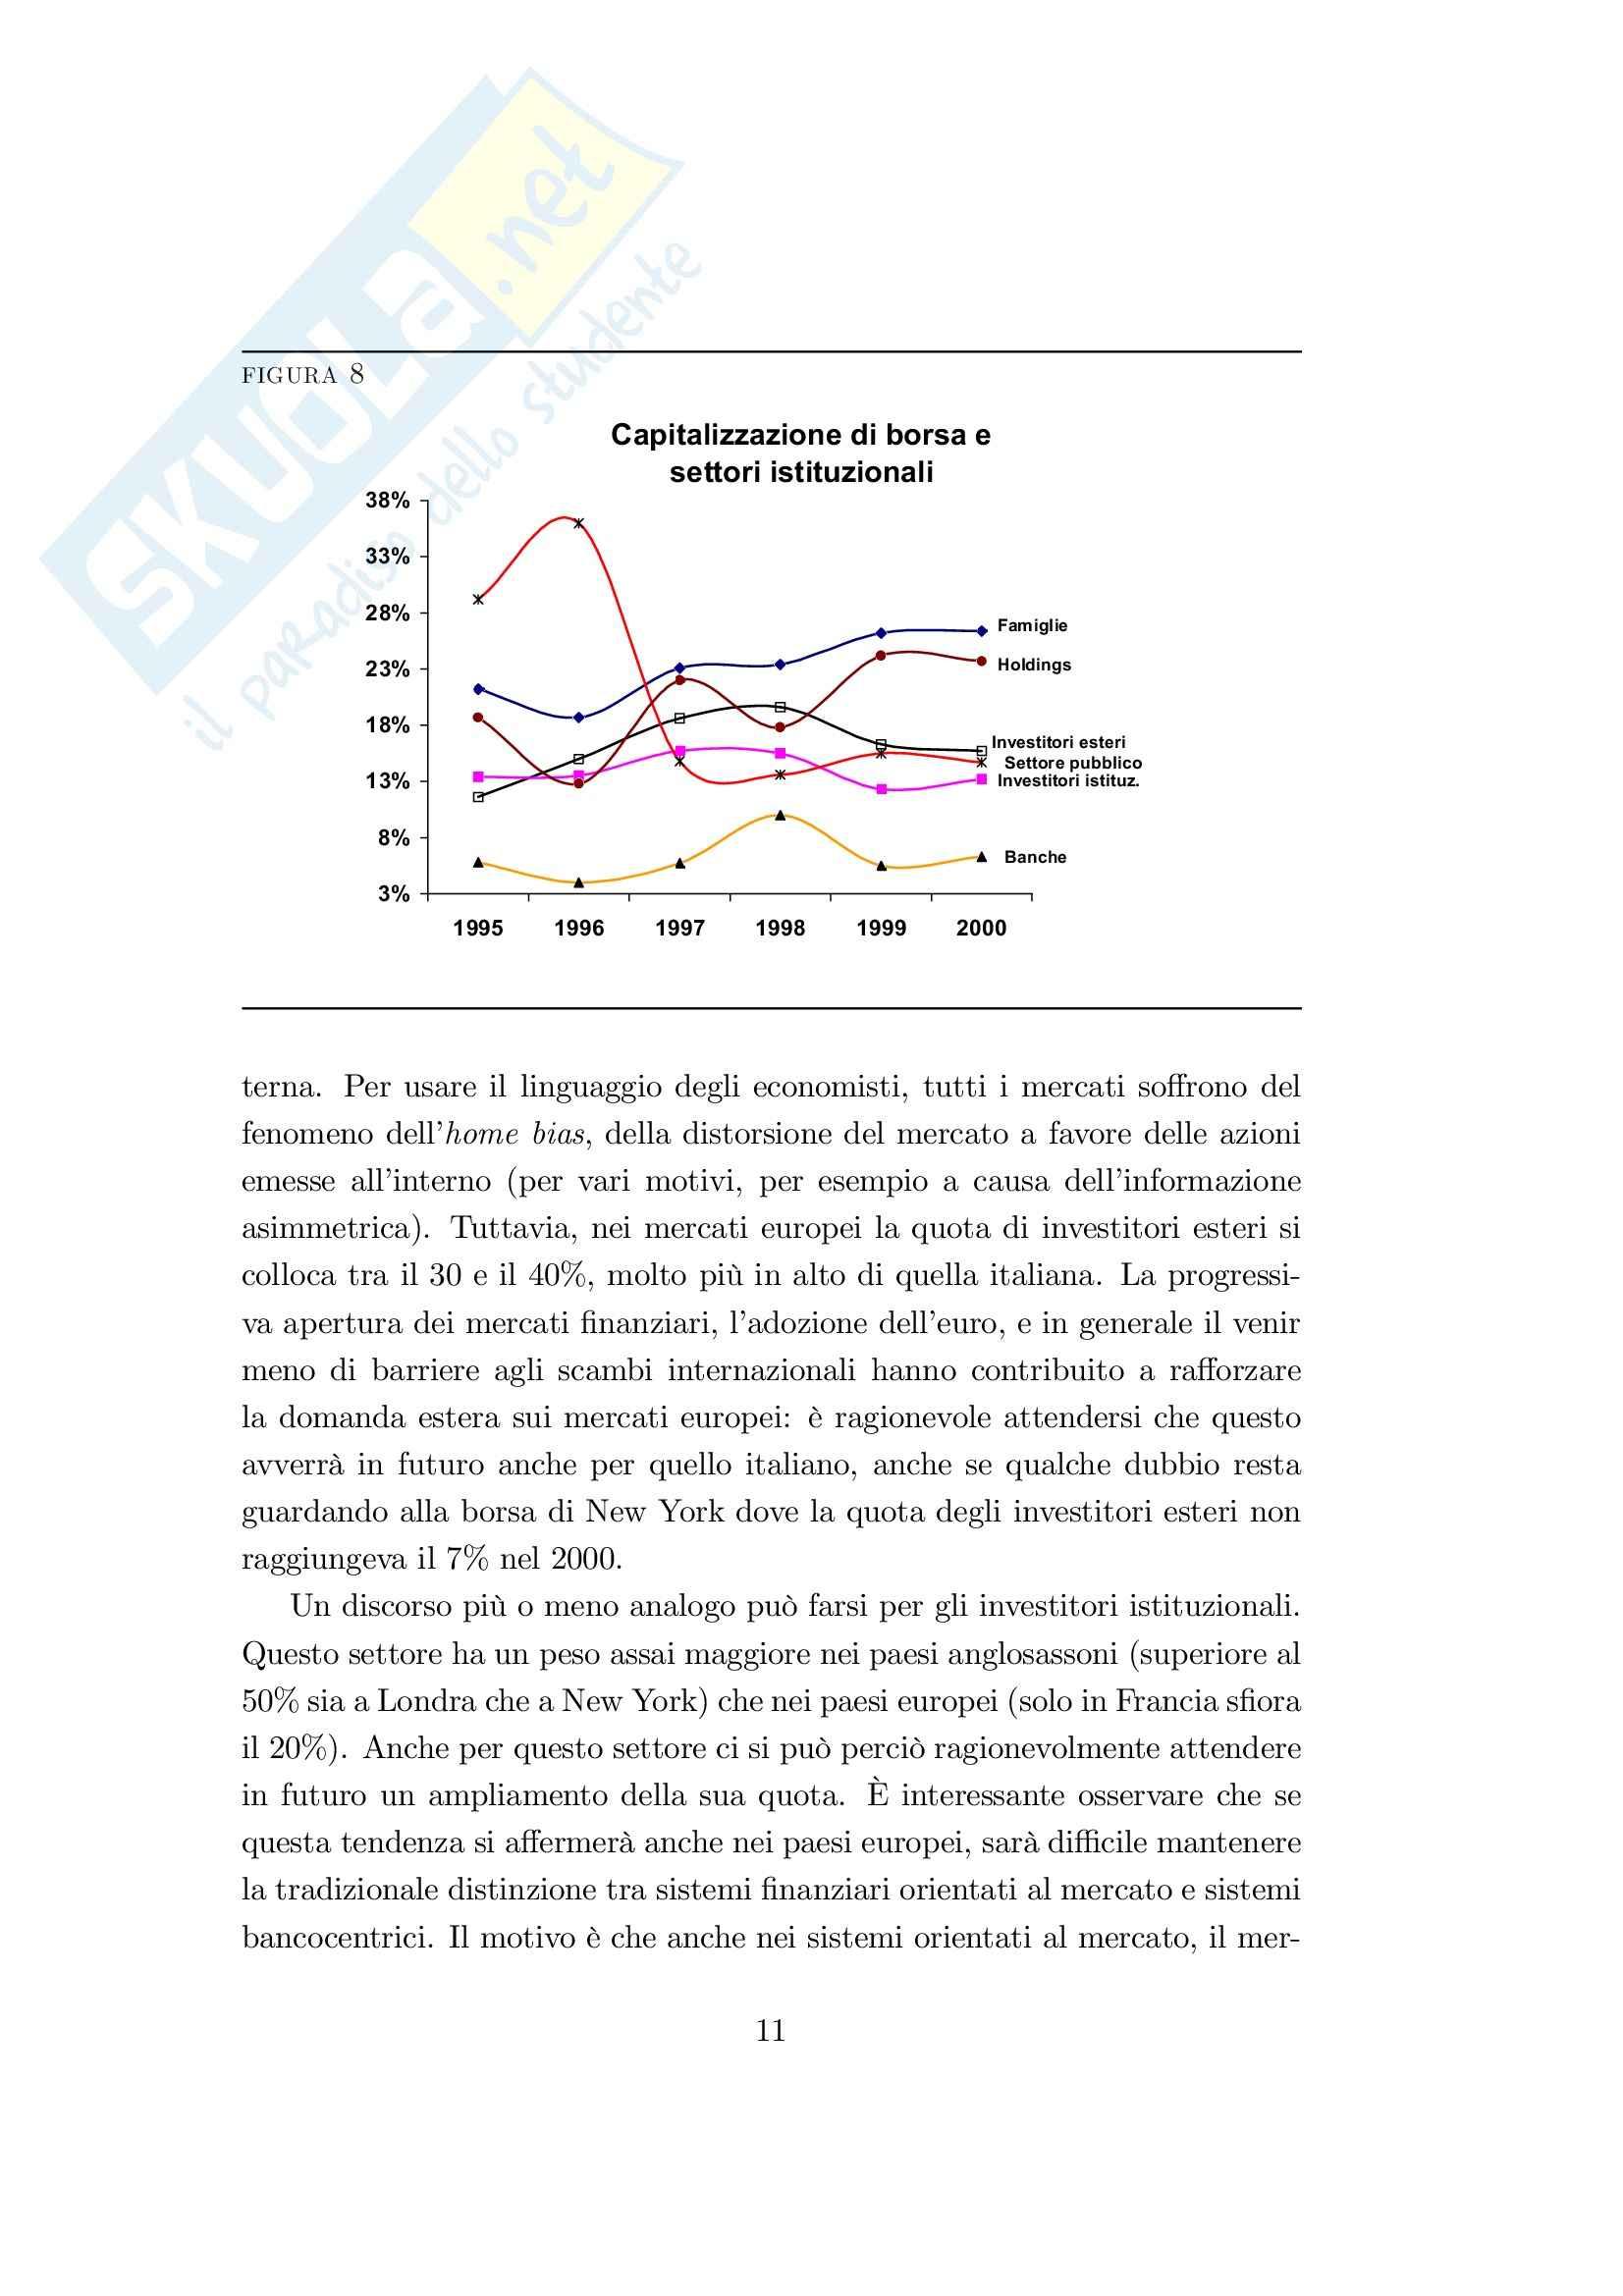 Economia finanziaria - la finanziarizzazione dell'economia italiana Pag. 11